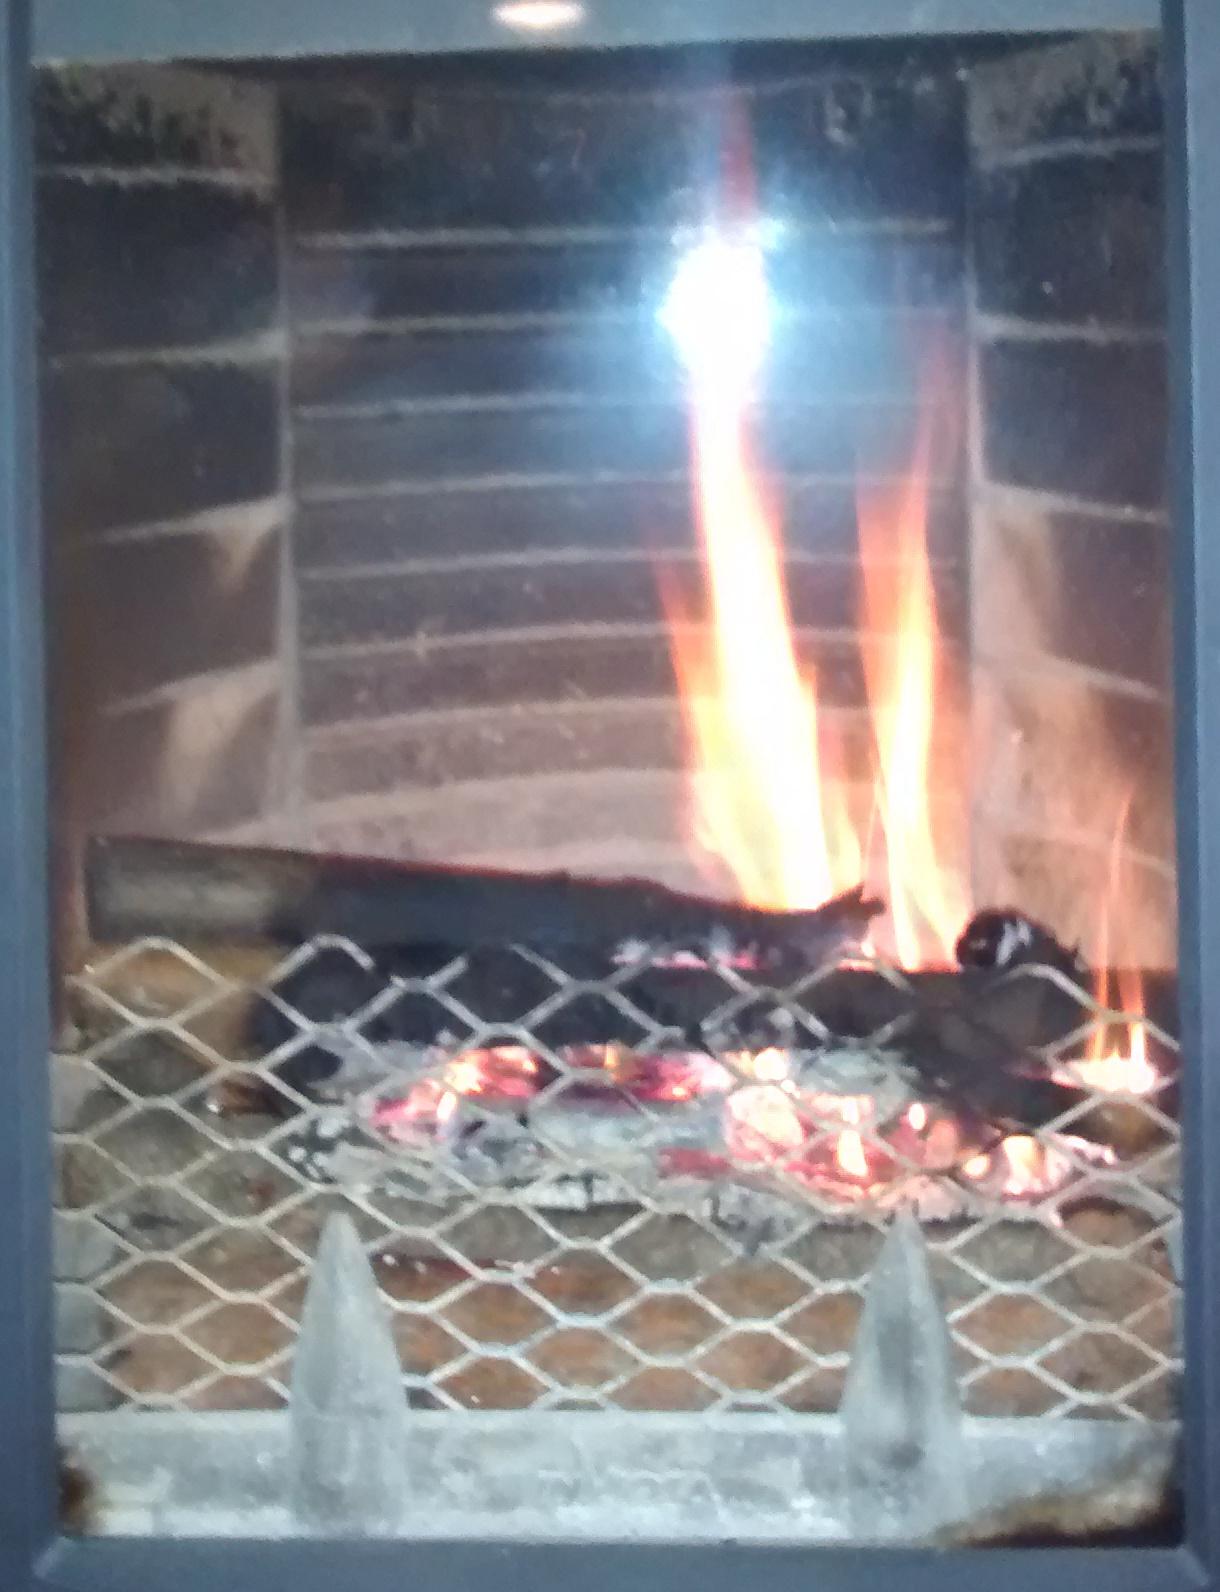 Grinchou blog allumer le feu simplement du premier coup - Comment allumer une cheminee ...